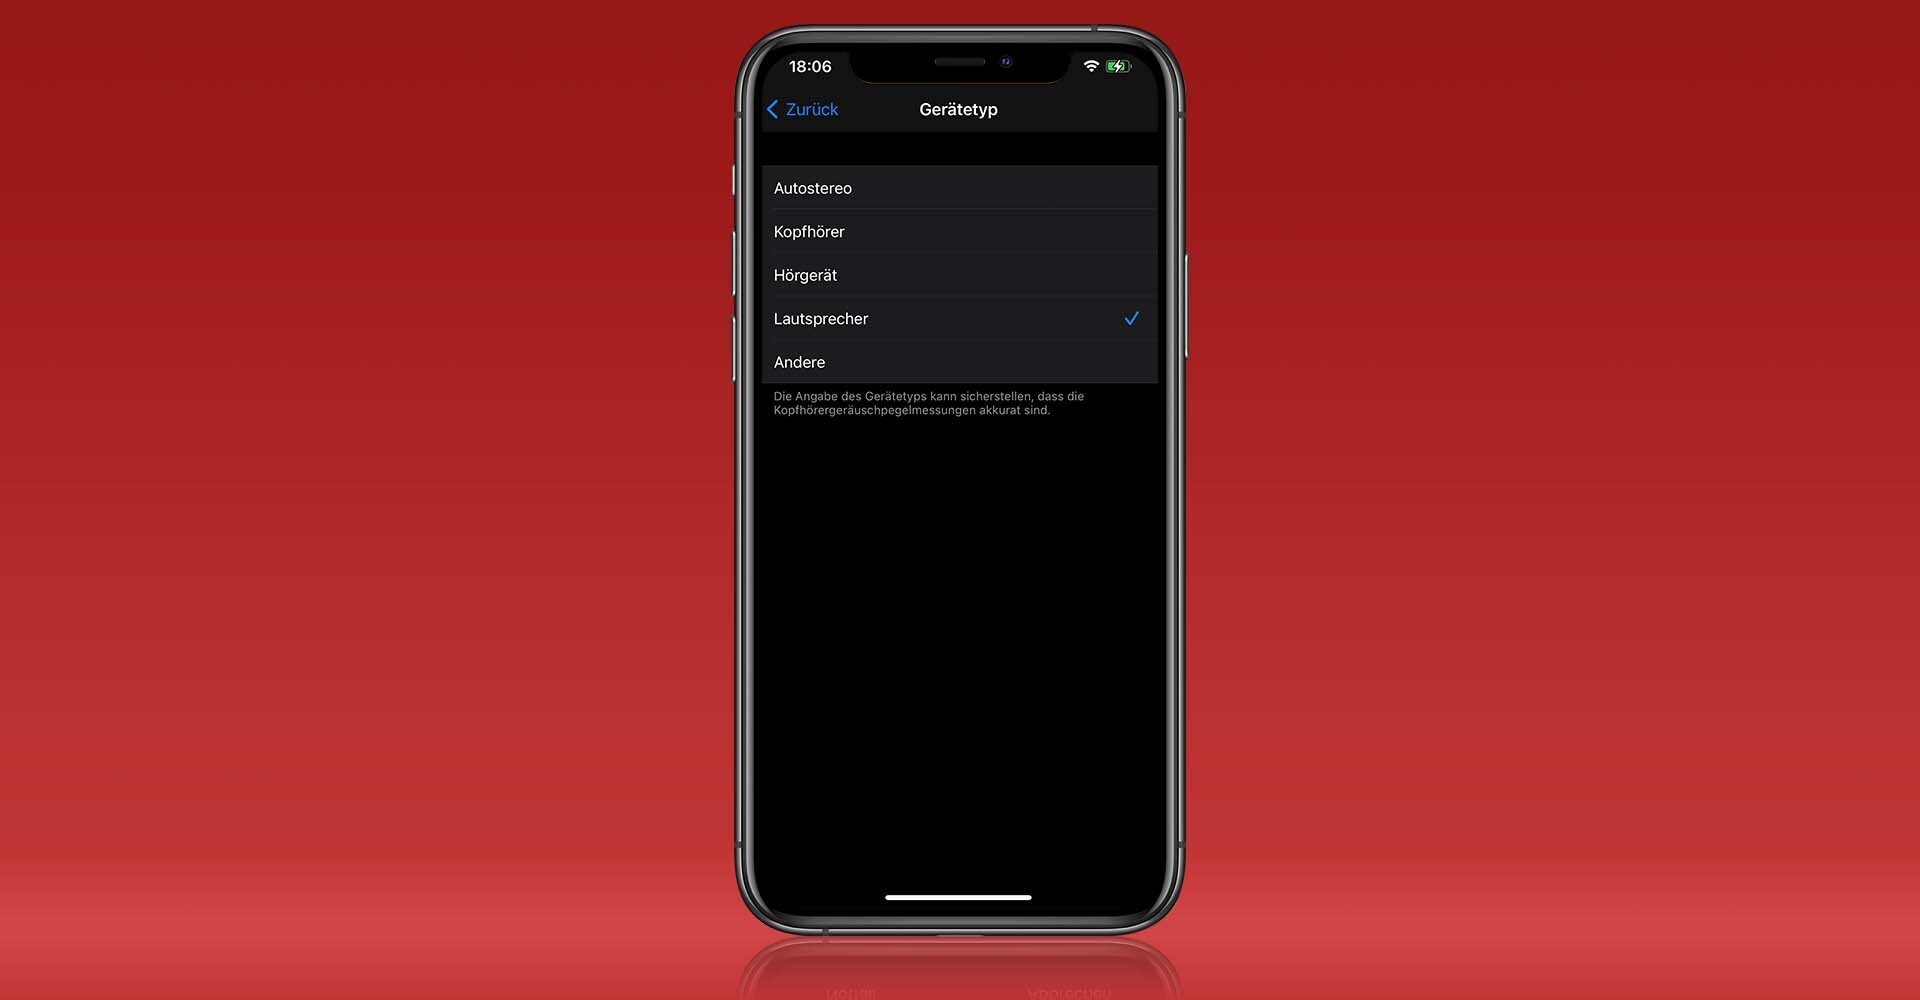 Screenshot: Gerätetyp eines Bluetooth-Geräts auf dem iPhone ändern